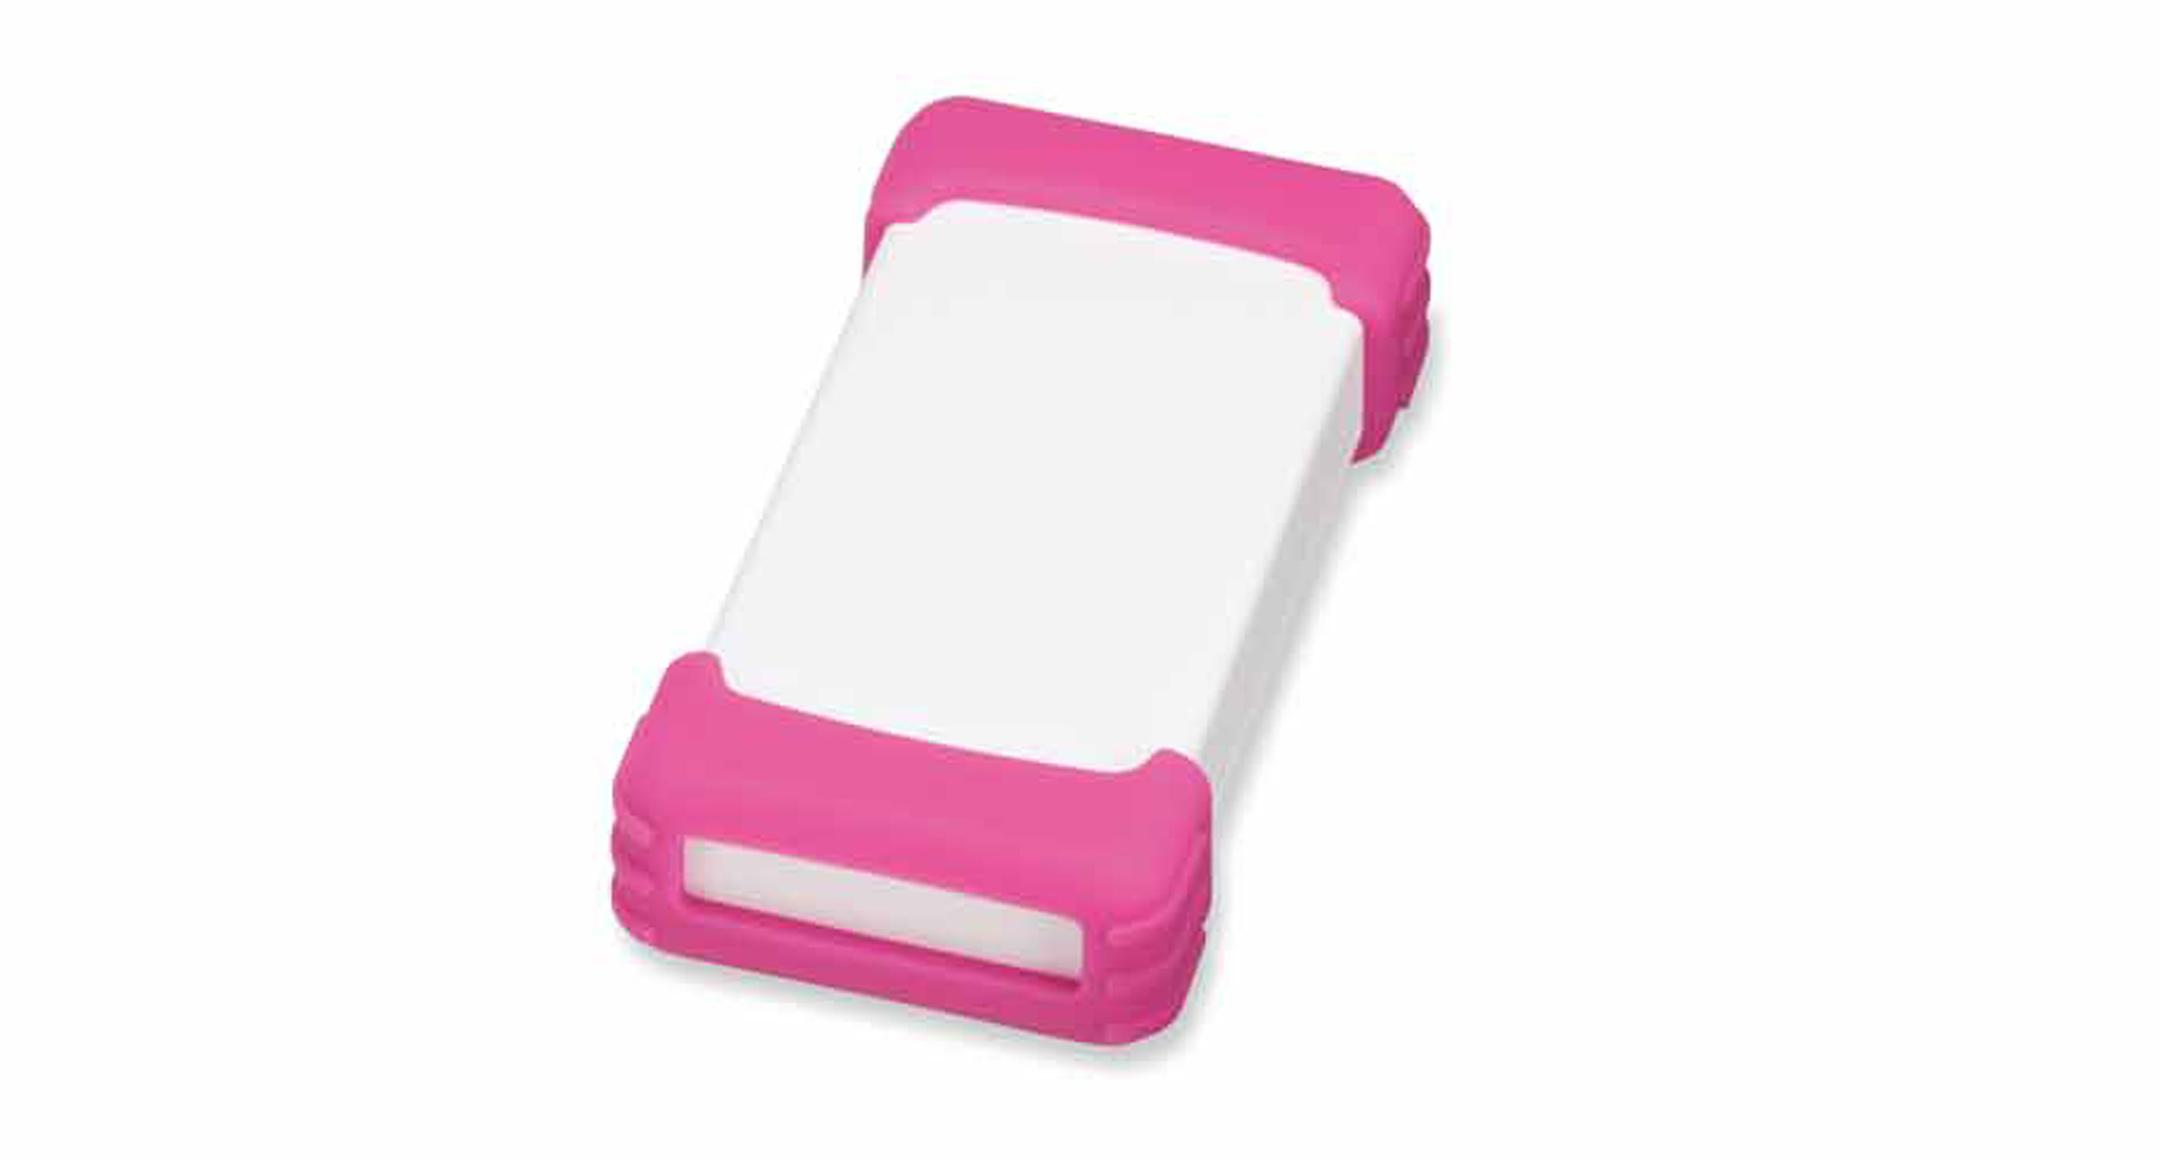 シリコンプロテクター付プラスチックケース TWSシリーズ:オフホワイト/ピンクの画像